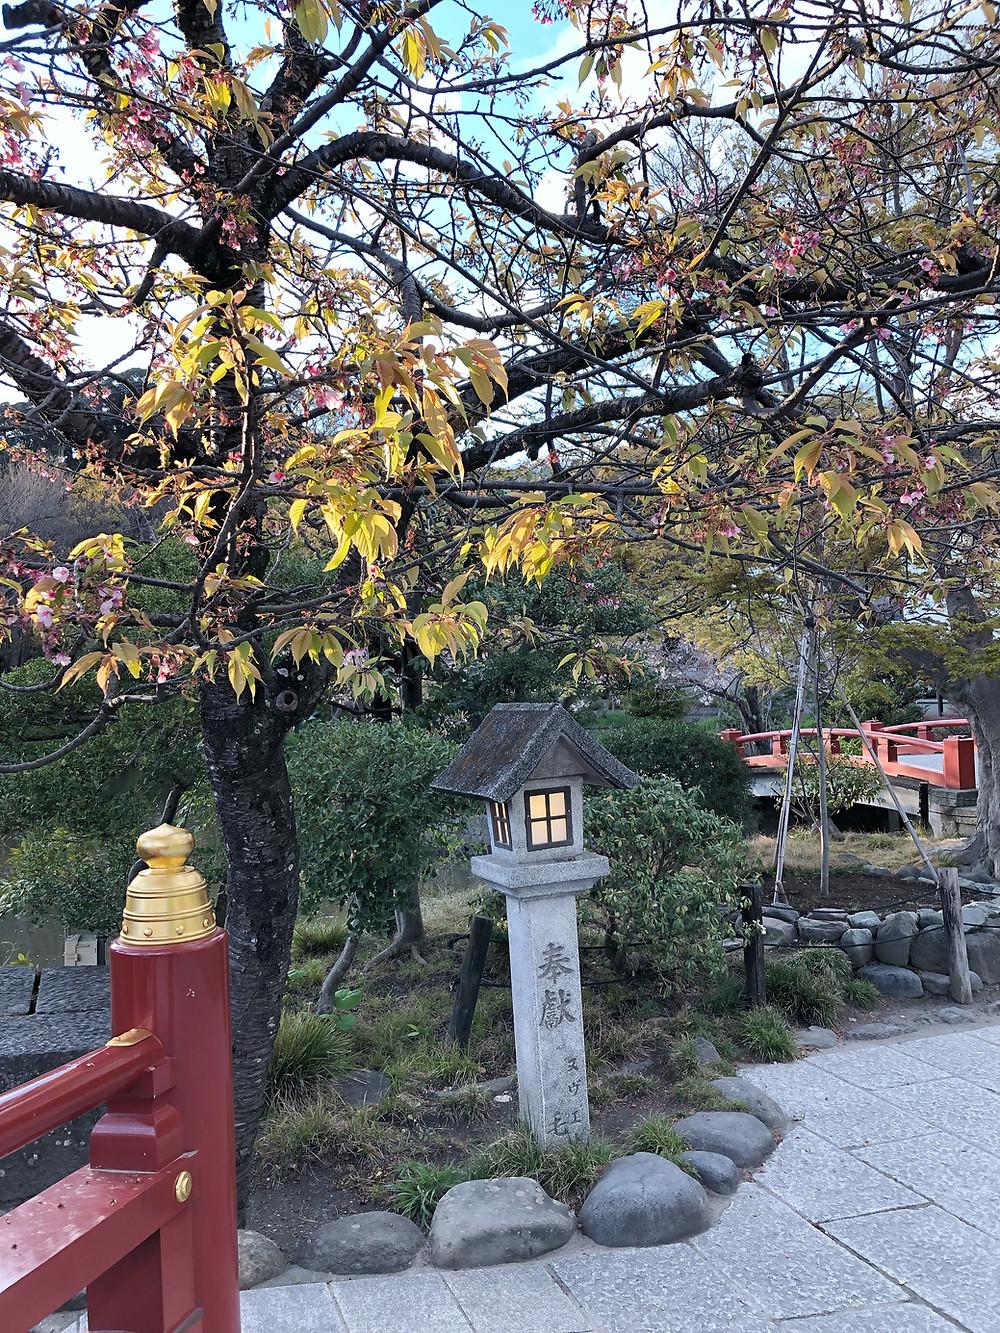 Tsurugaoka Hachimangu kamakura Cookingwiththehamster